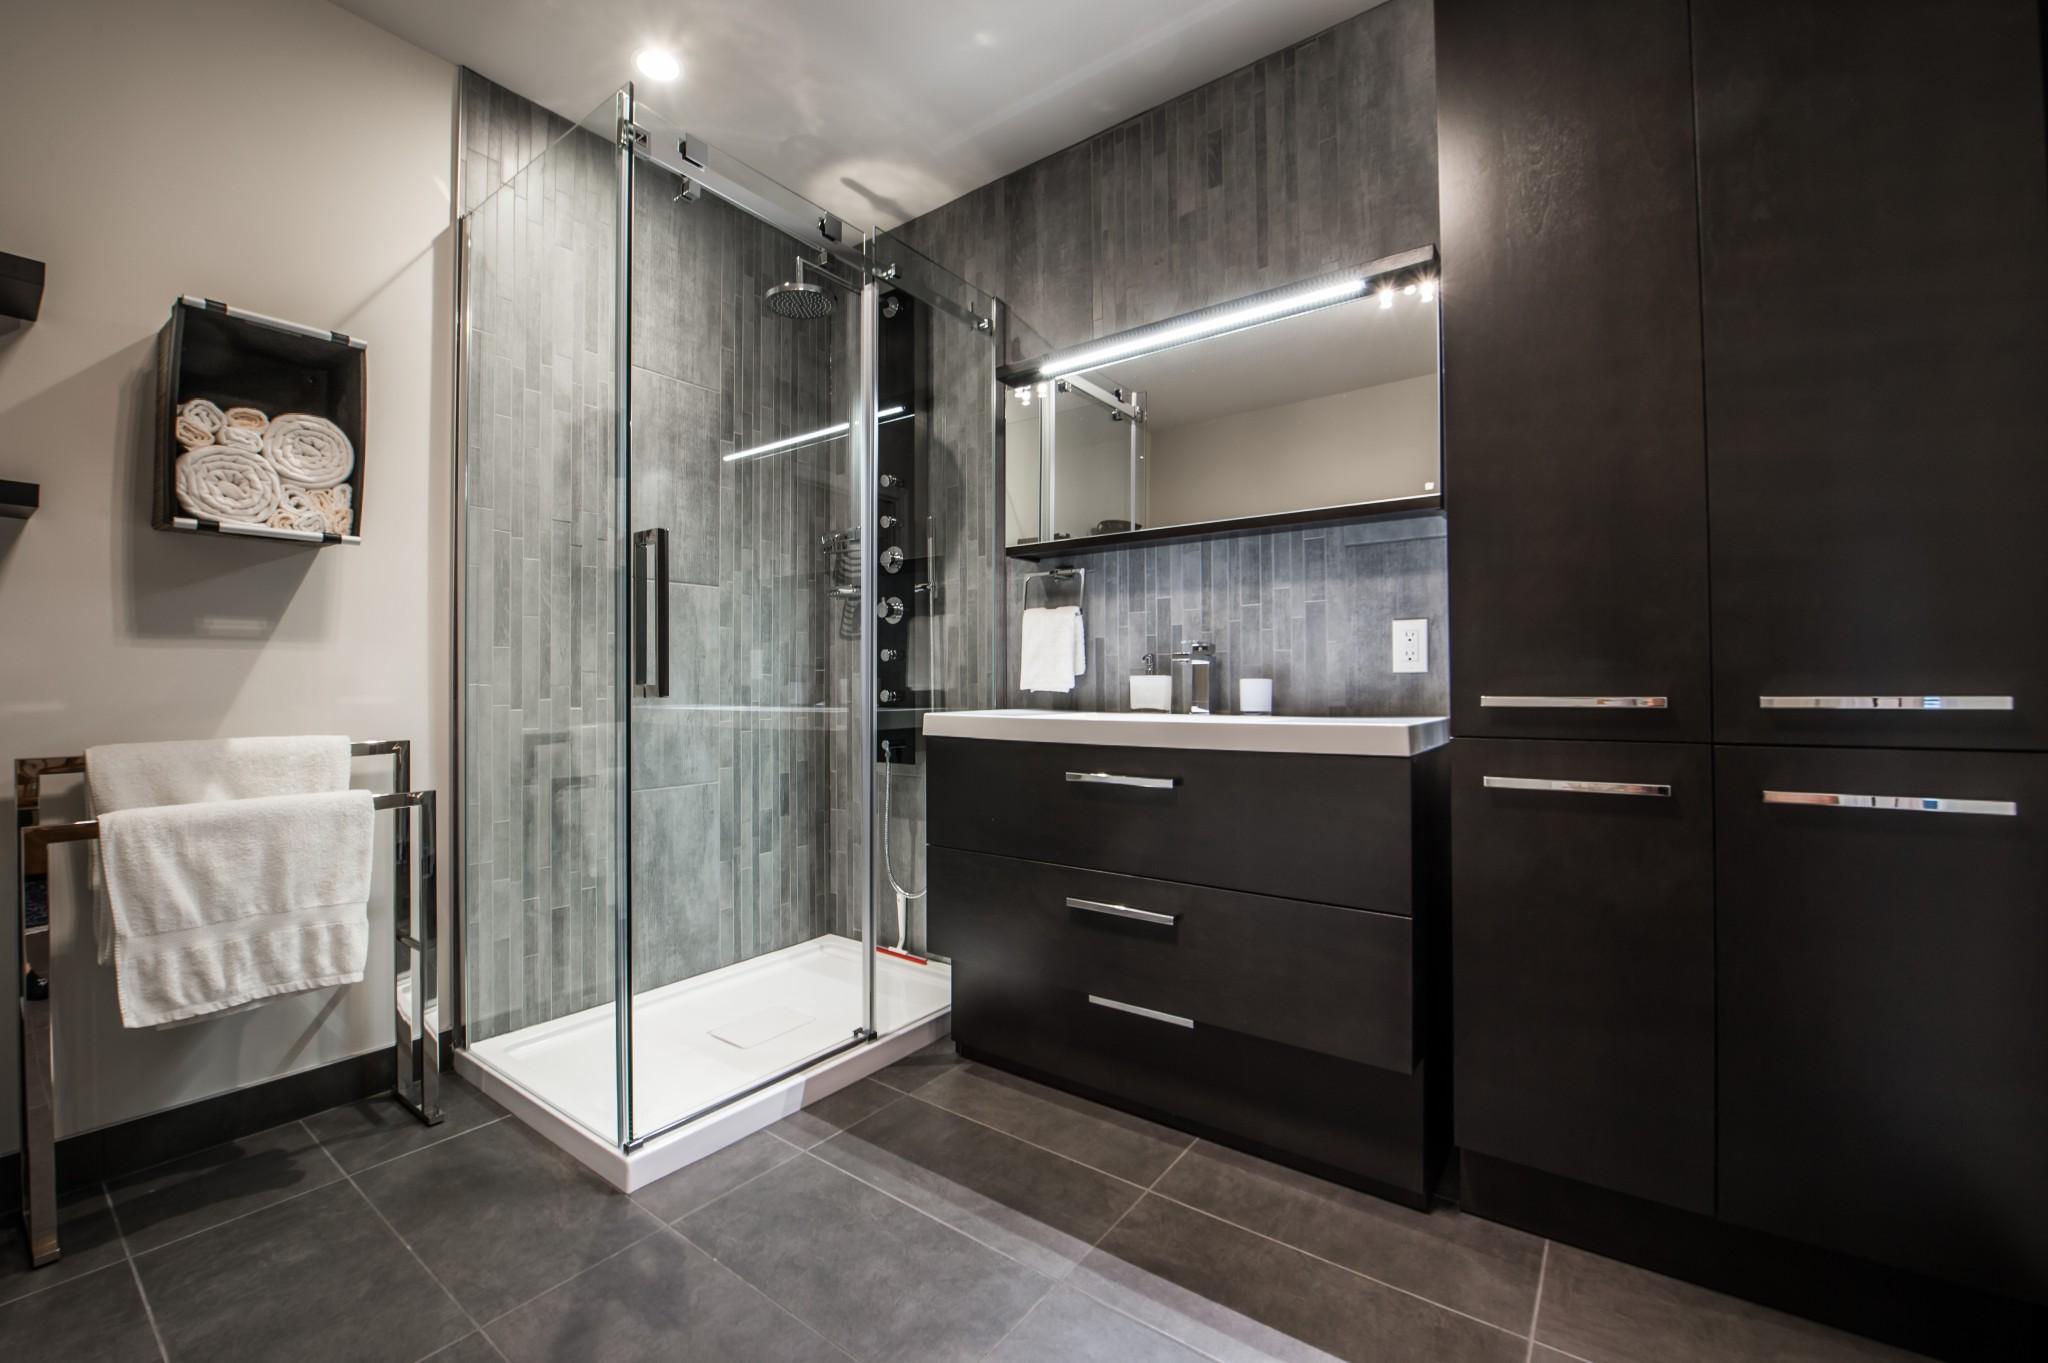 salle de bain moderne luxe